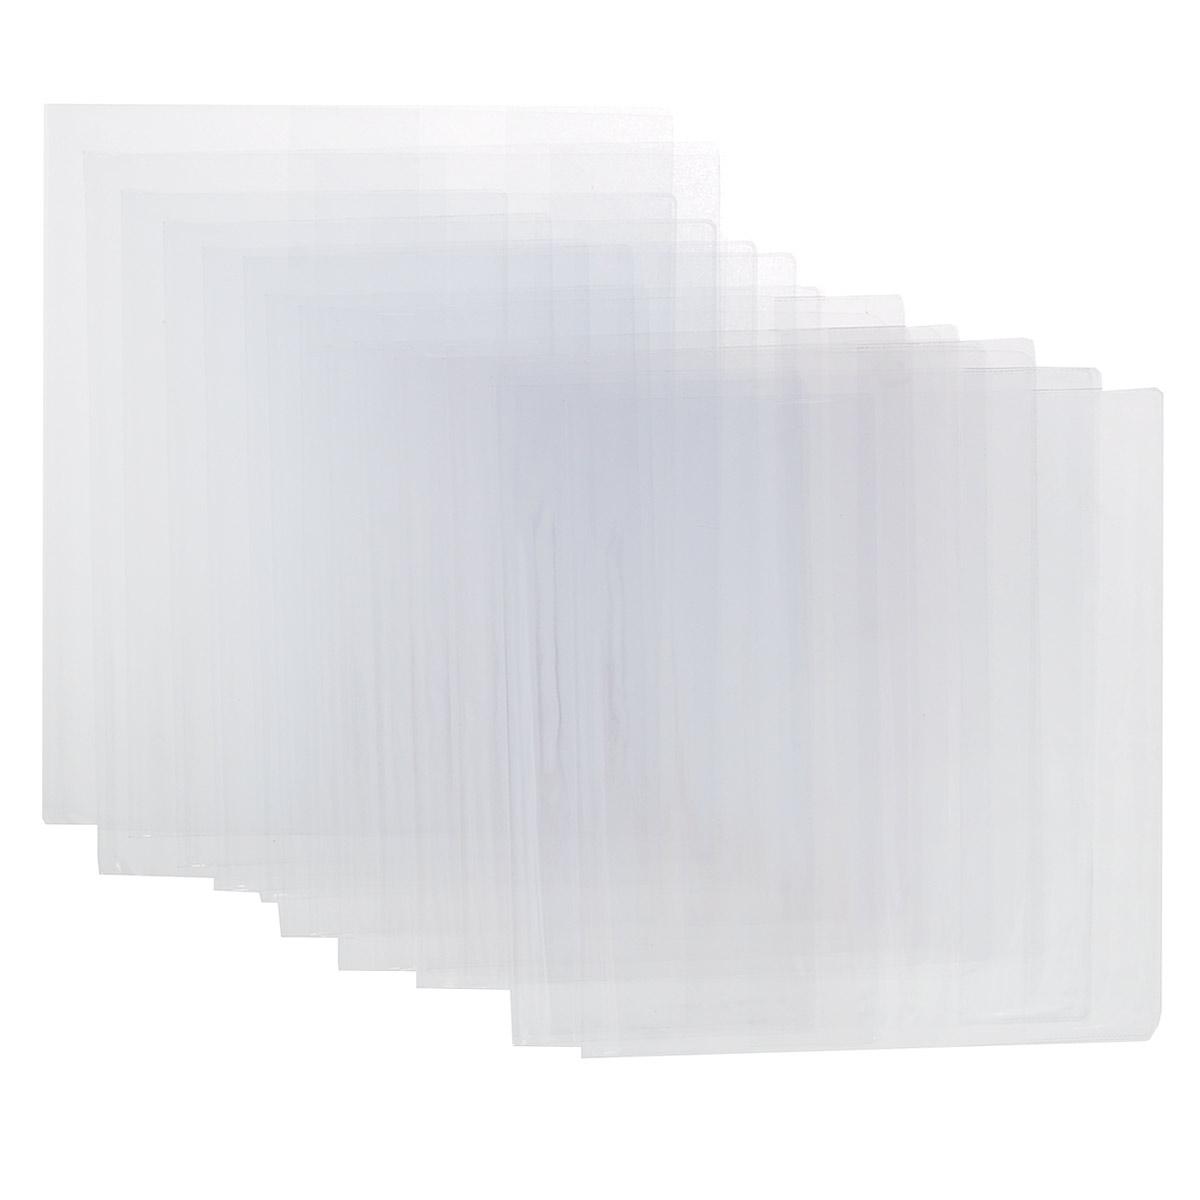 Набор обложек для младших классов Брупак, 15 штК10-01Прозрачные гладкие обложки, выполненные из ПВХ, защитят учебники и тетради от загрязнений на всем протяжении их использования. Комплект включает в себя пятнадцать обложек: три обложки для тетрадей Пропись размером 22,5 см х 35,7 см, пять универсальных обложек для учебников размером 23 см х 46,5 см, пять обложек для учебников младших классов размером 23,5 см х 36,5 см, две обложки для учебников Петерсон размером 26,7 см х 50,8 см.